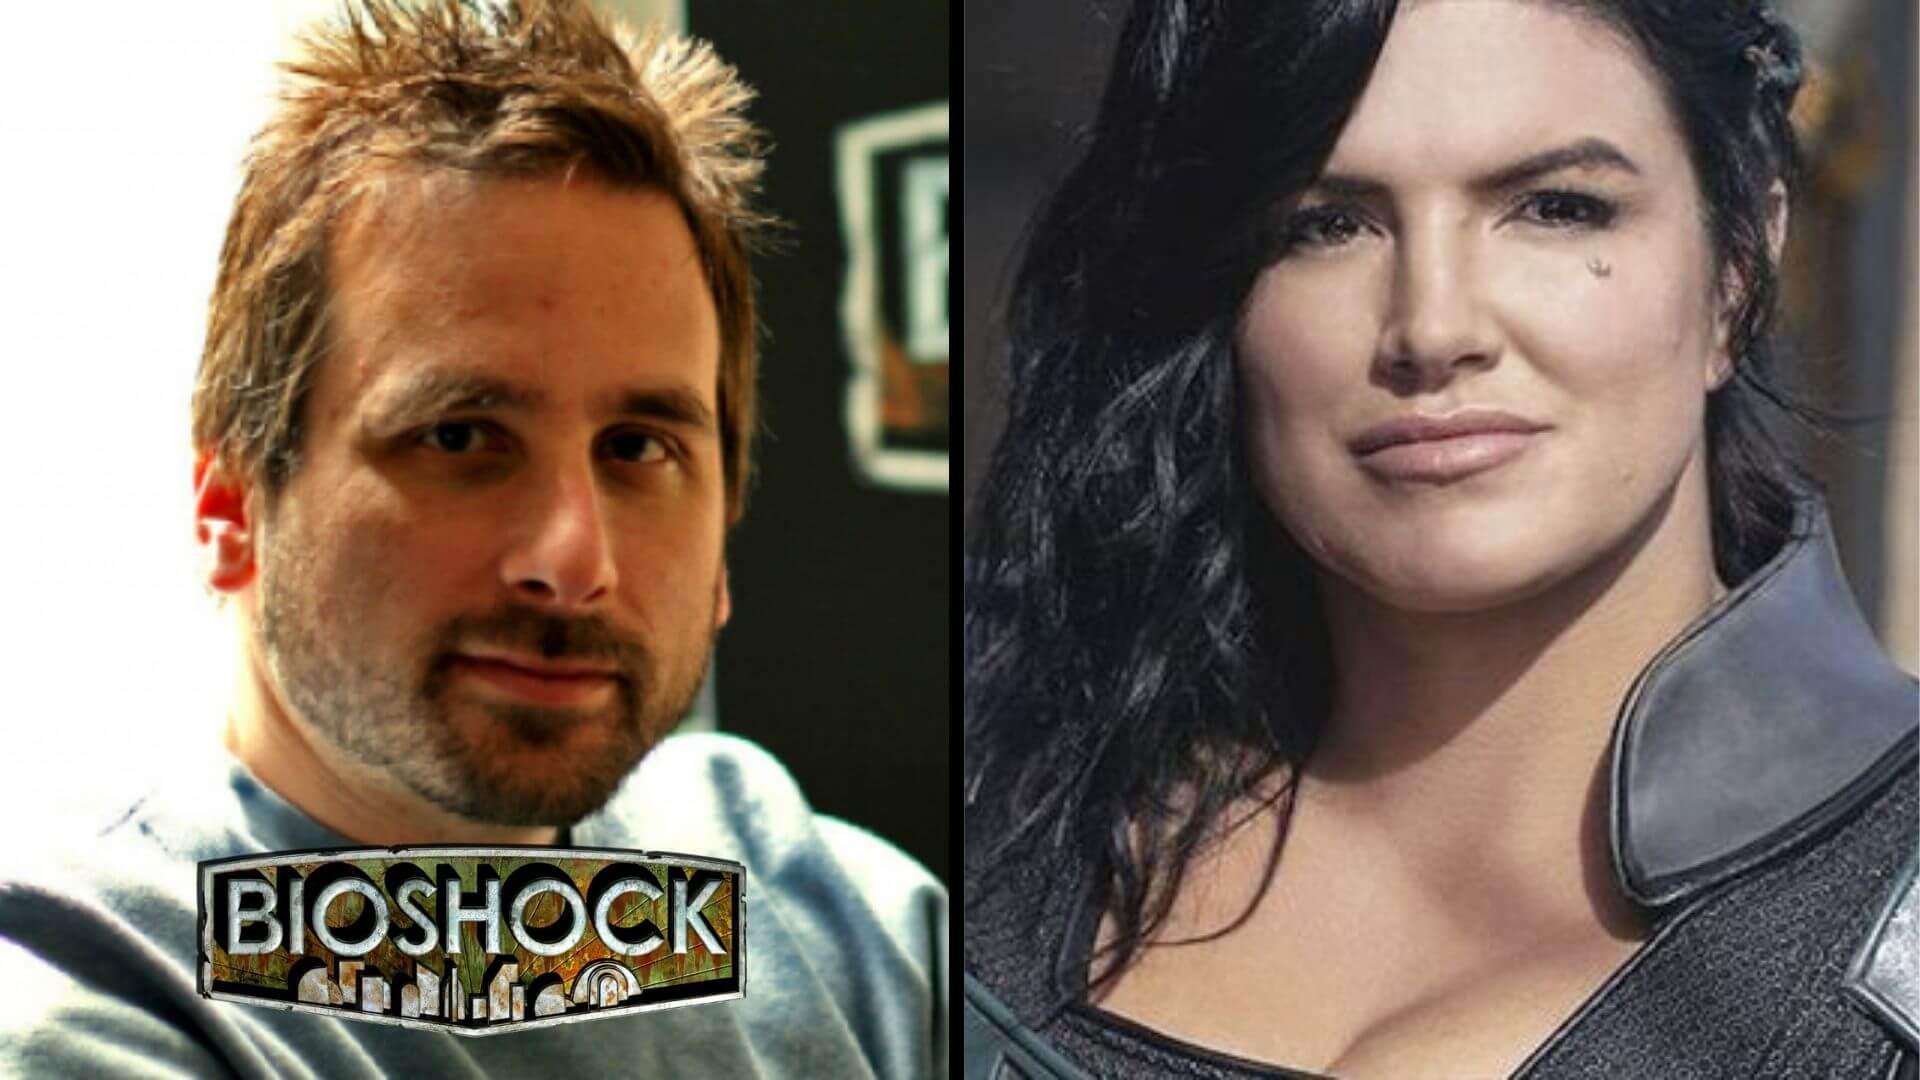 Creador de BioShock no apoya la decisión de despedir a Gina Carano de The Mandalorian